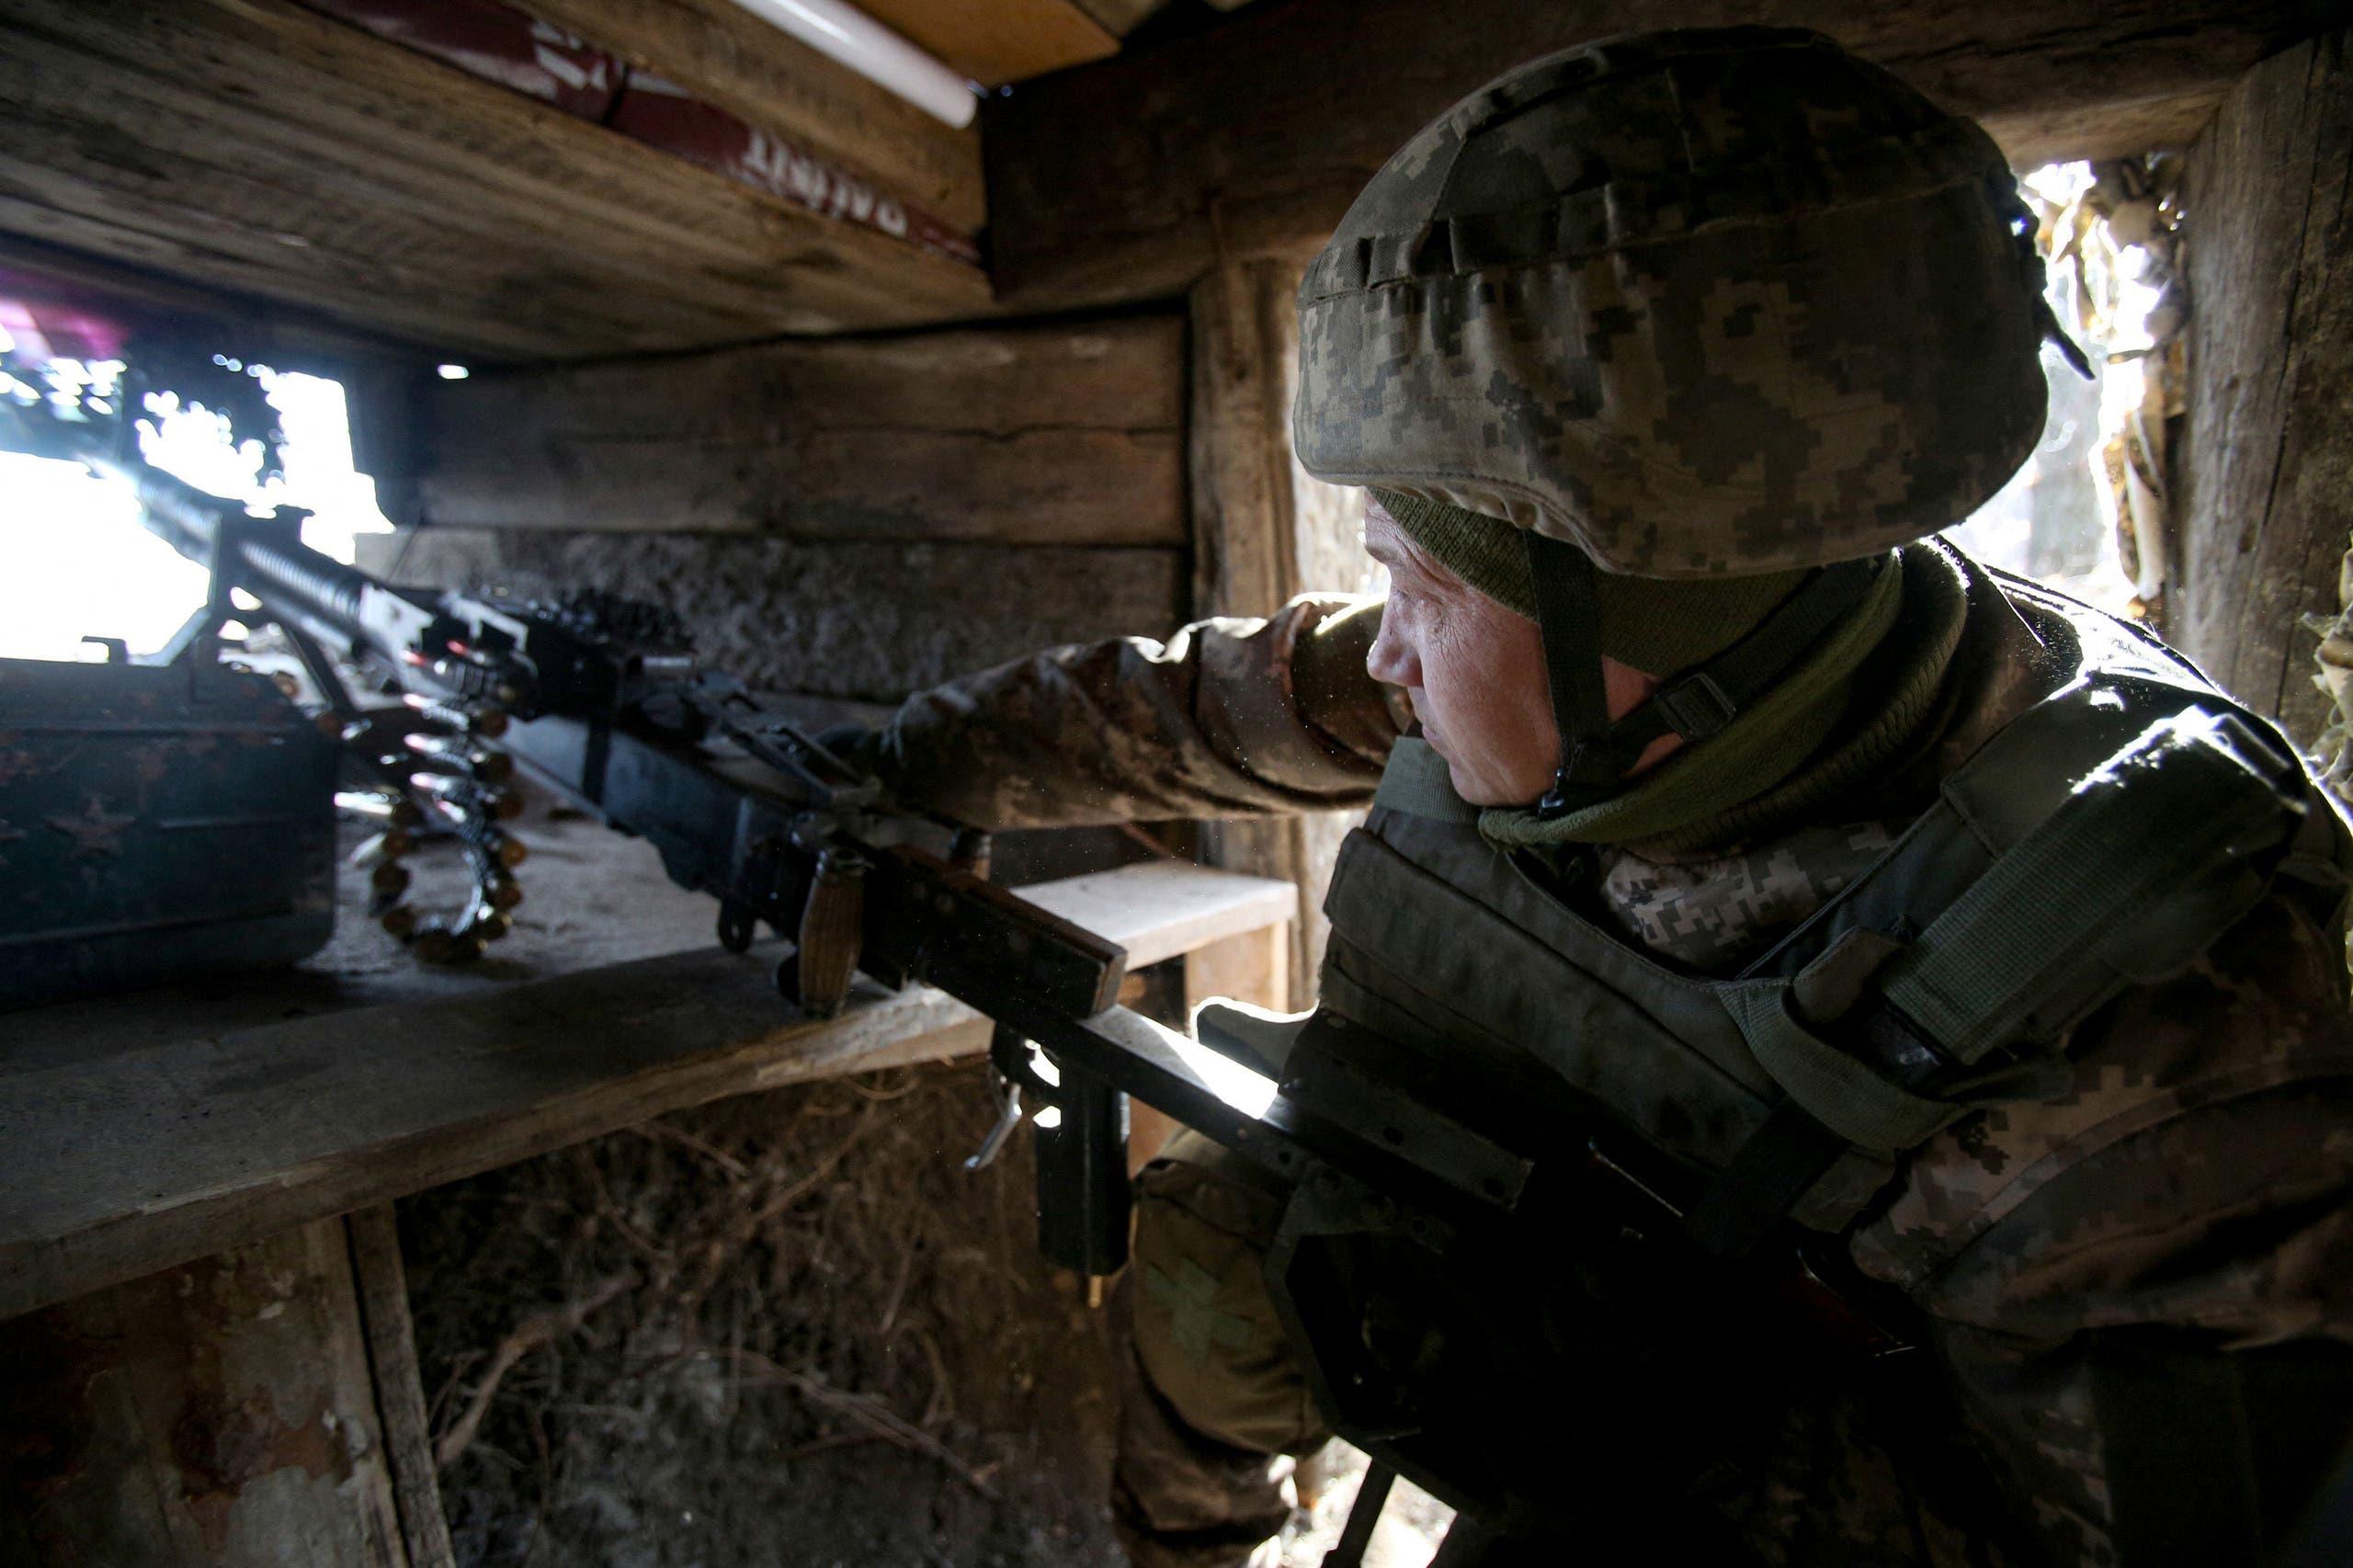 جندي أوكراني على خط التماس في دونتسك التي يسيطر عليها انفصاليون